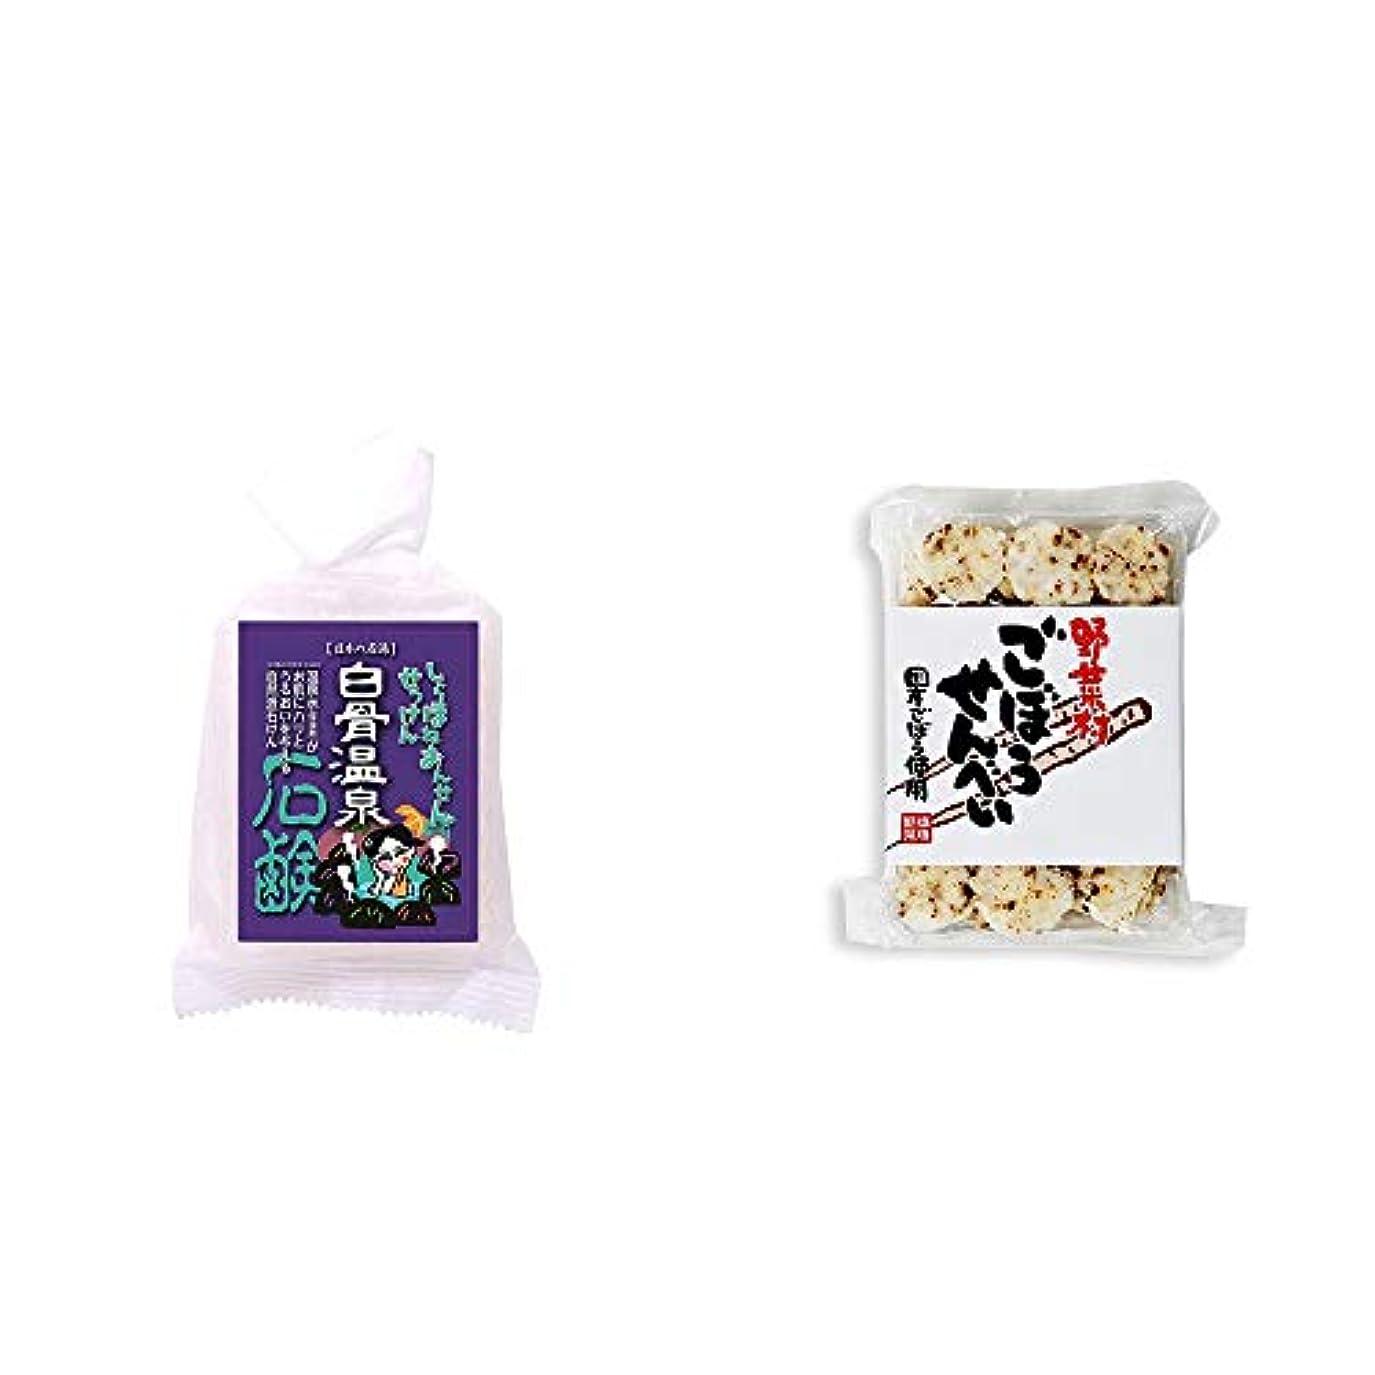 オプショナル曲ファックス[2点セット] 信州 白骨温泉石鹸(80g)?ごぼうせんべい(75g)